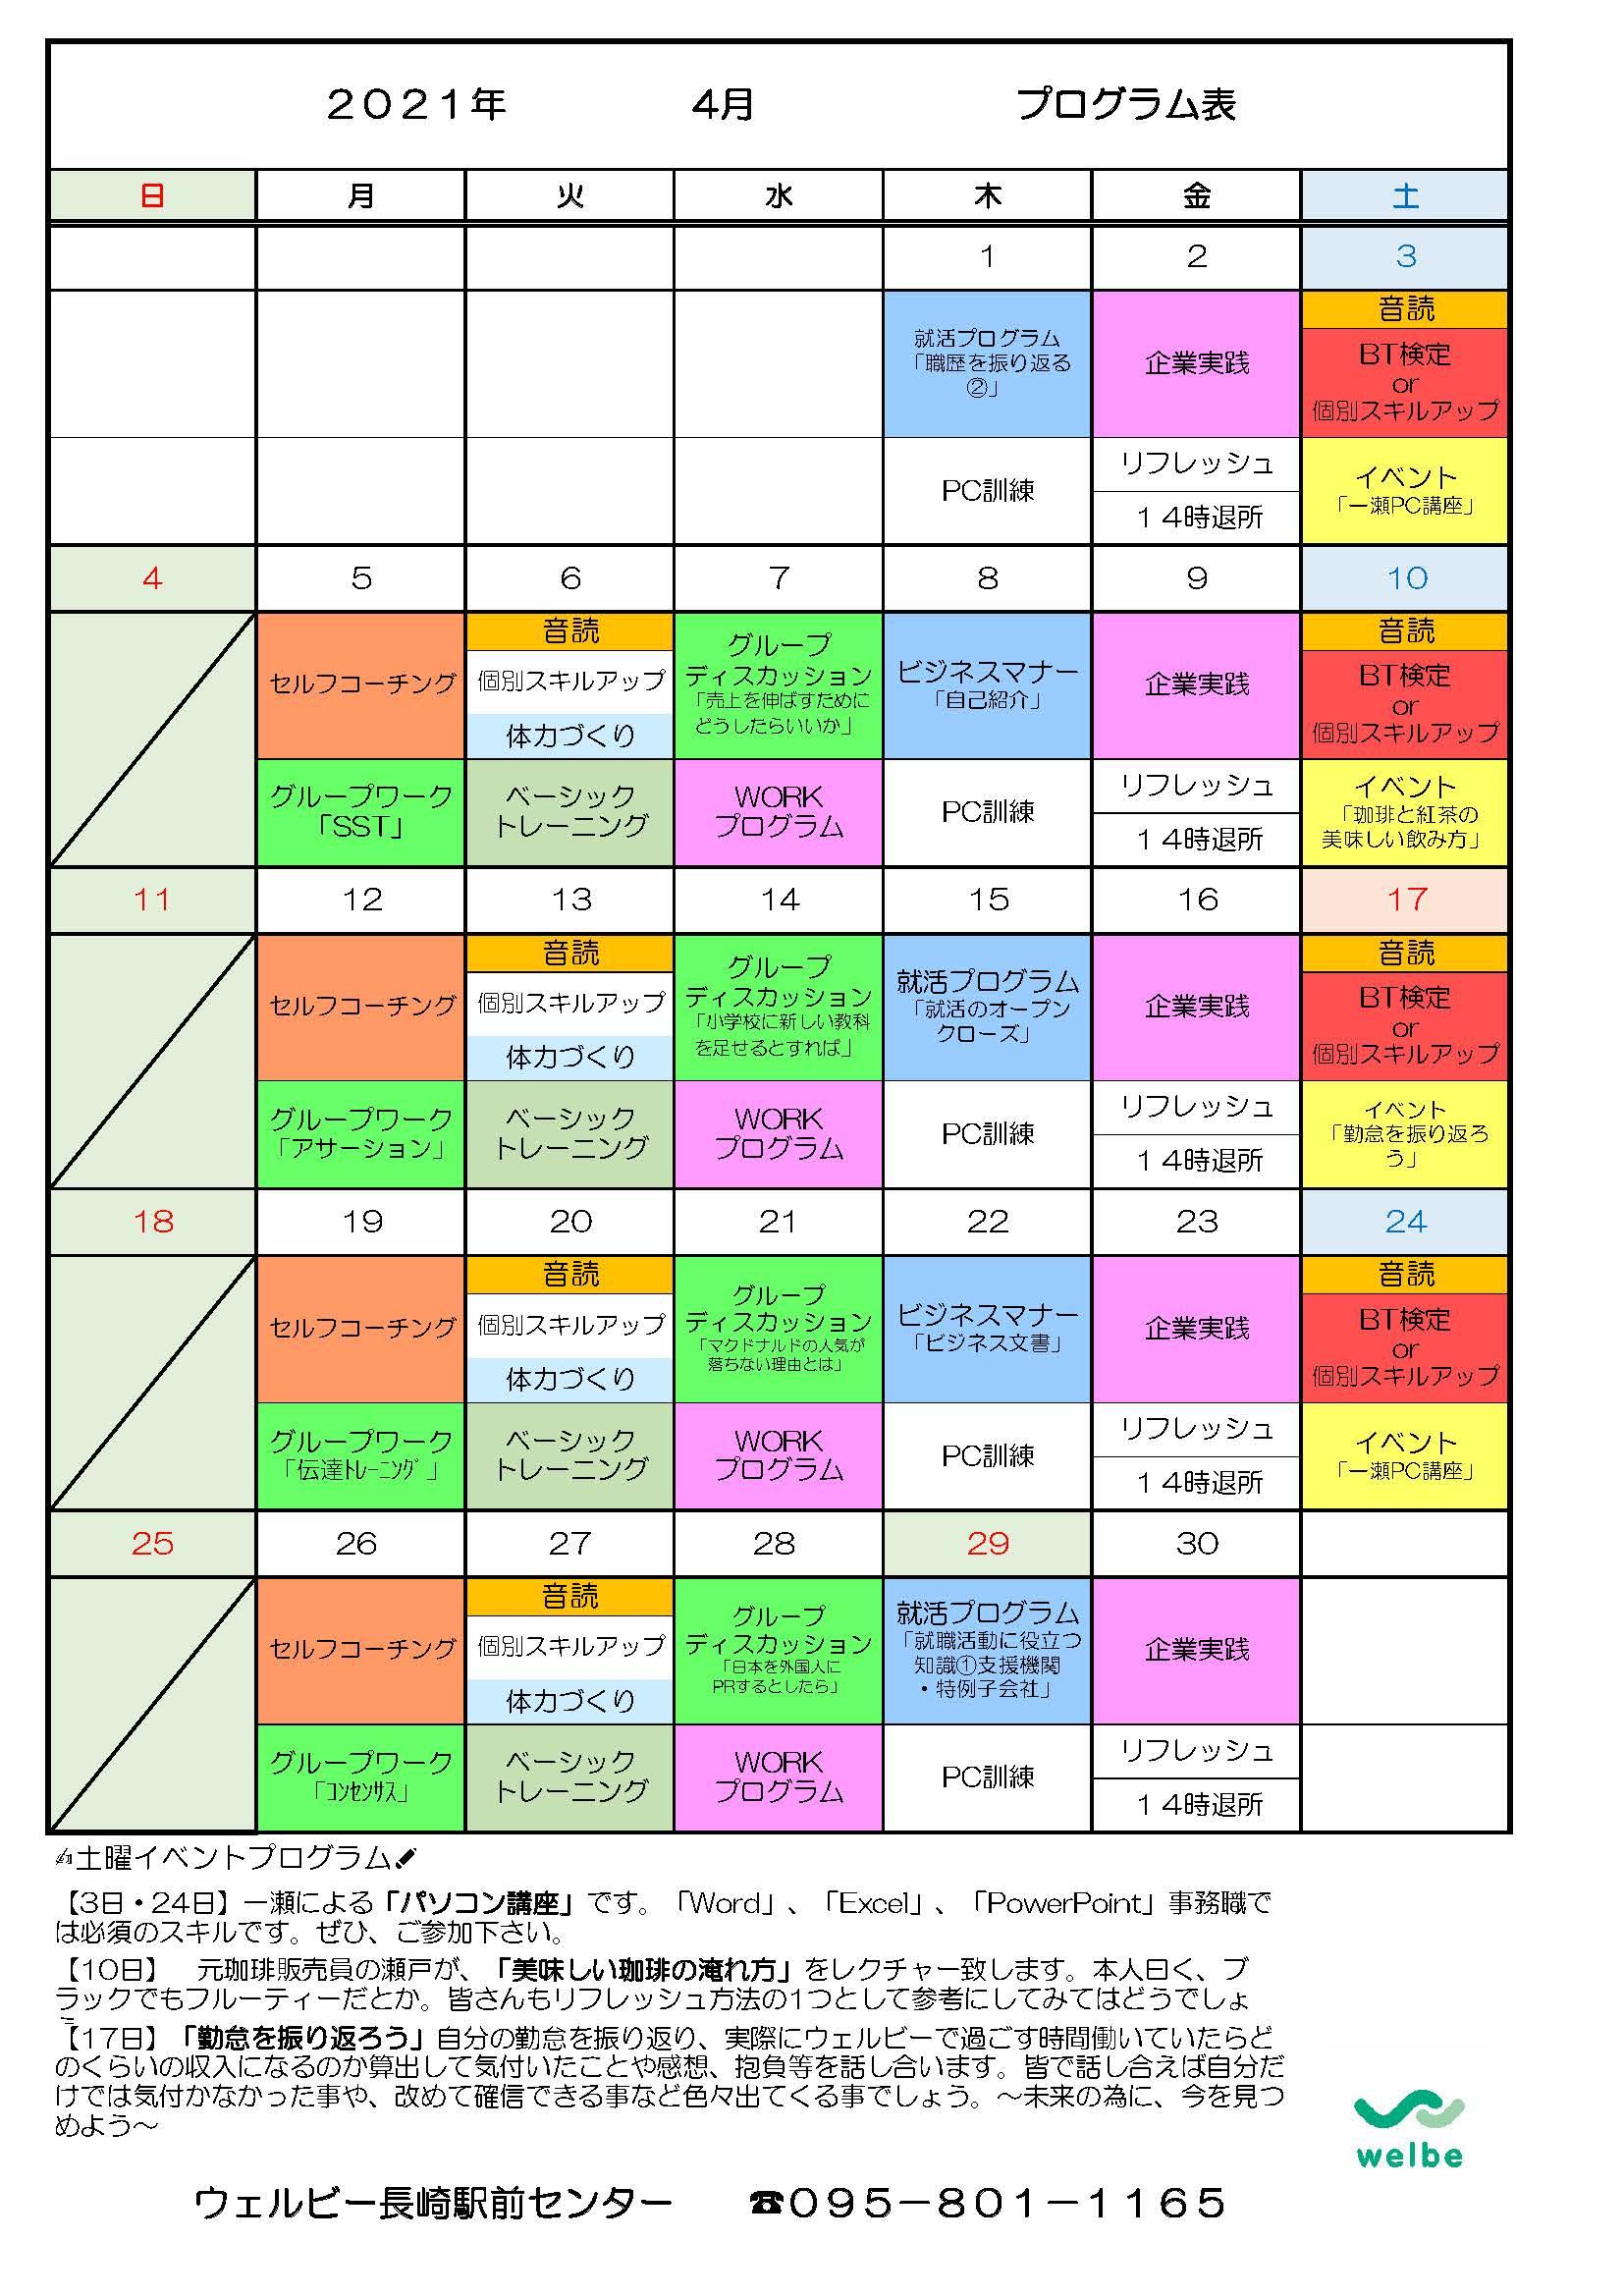 長崎駅前センター4月カリキュラム